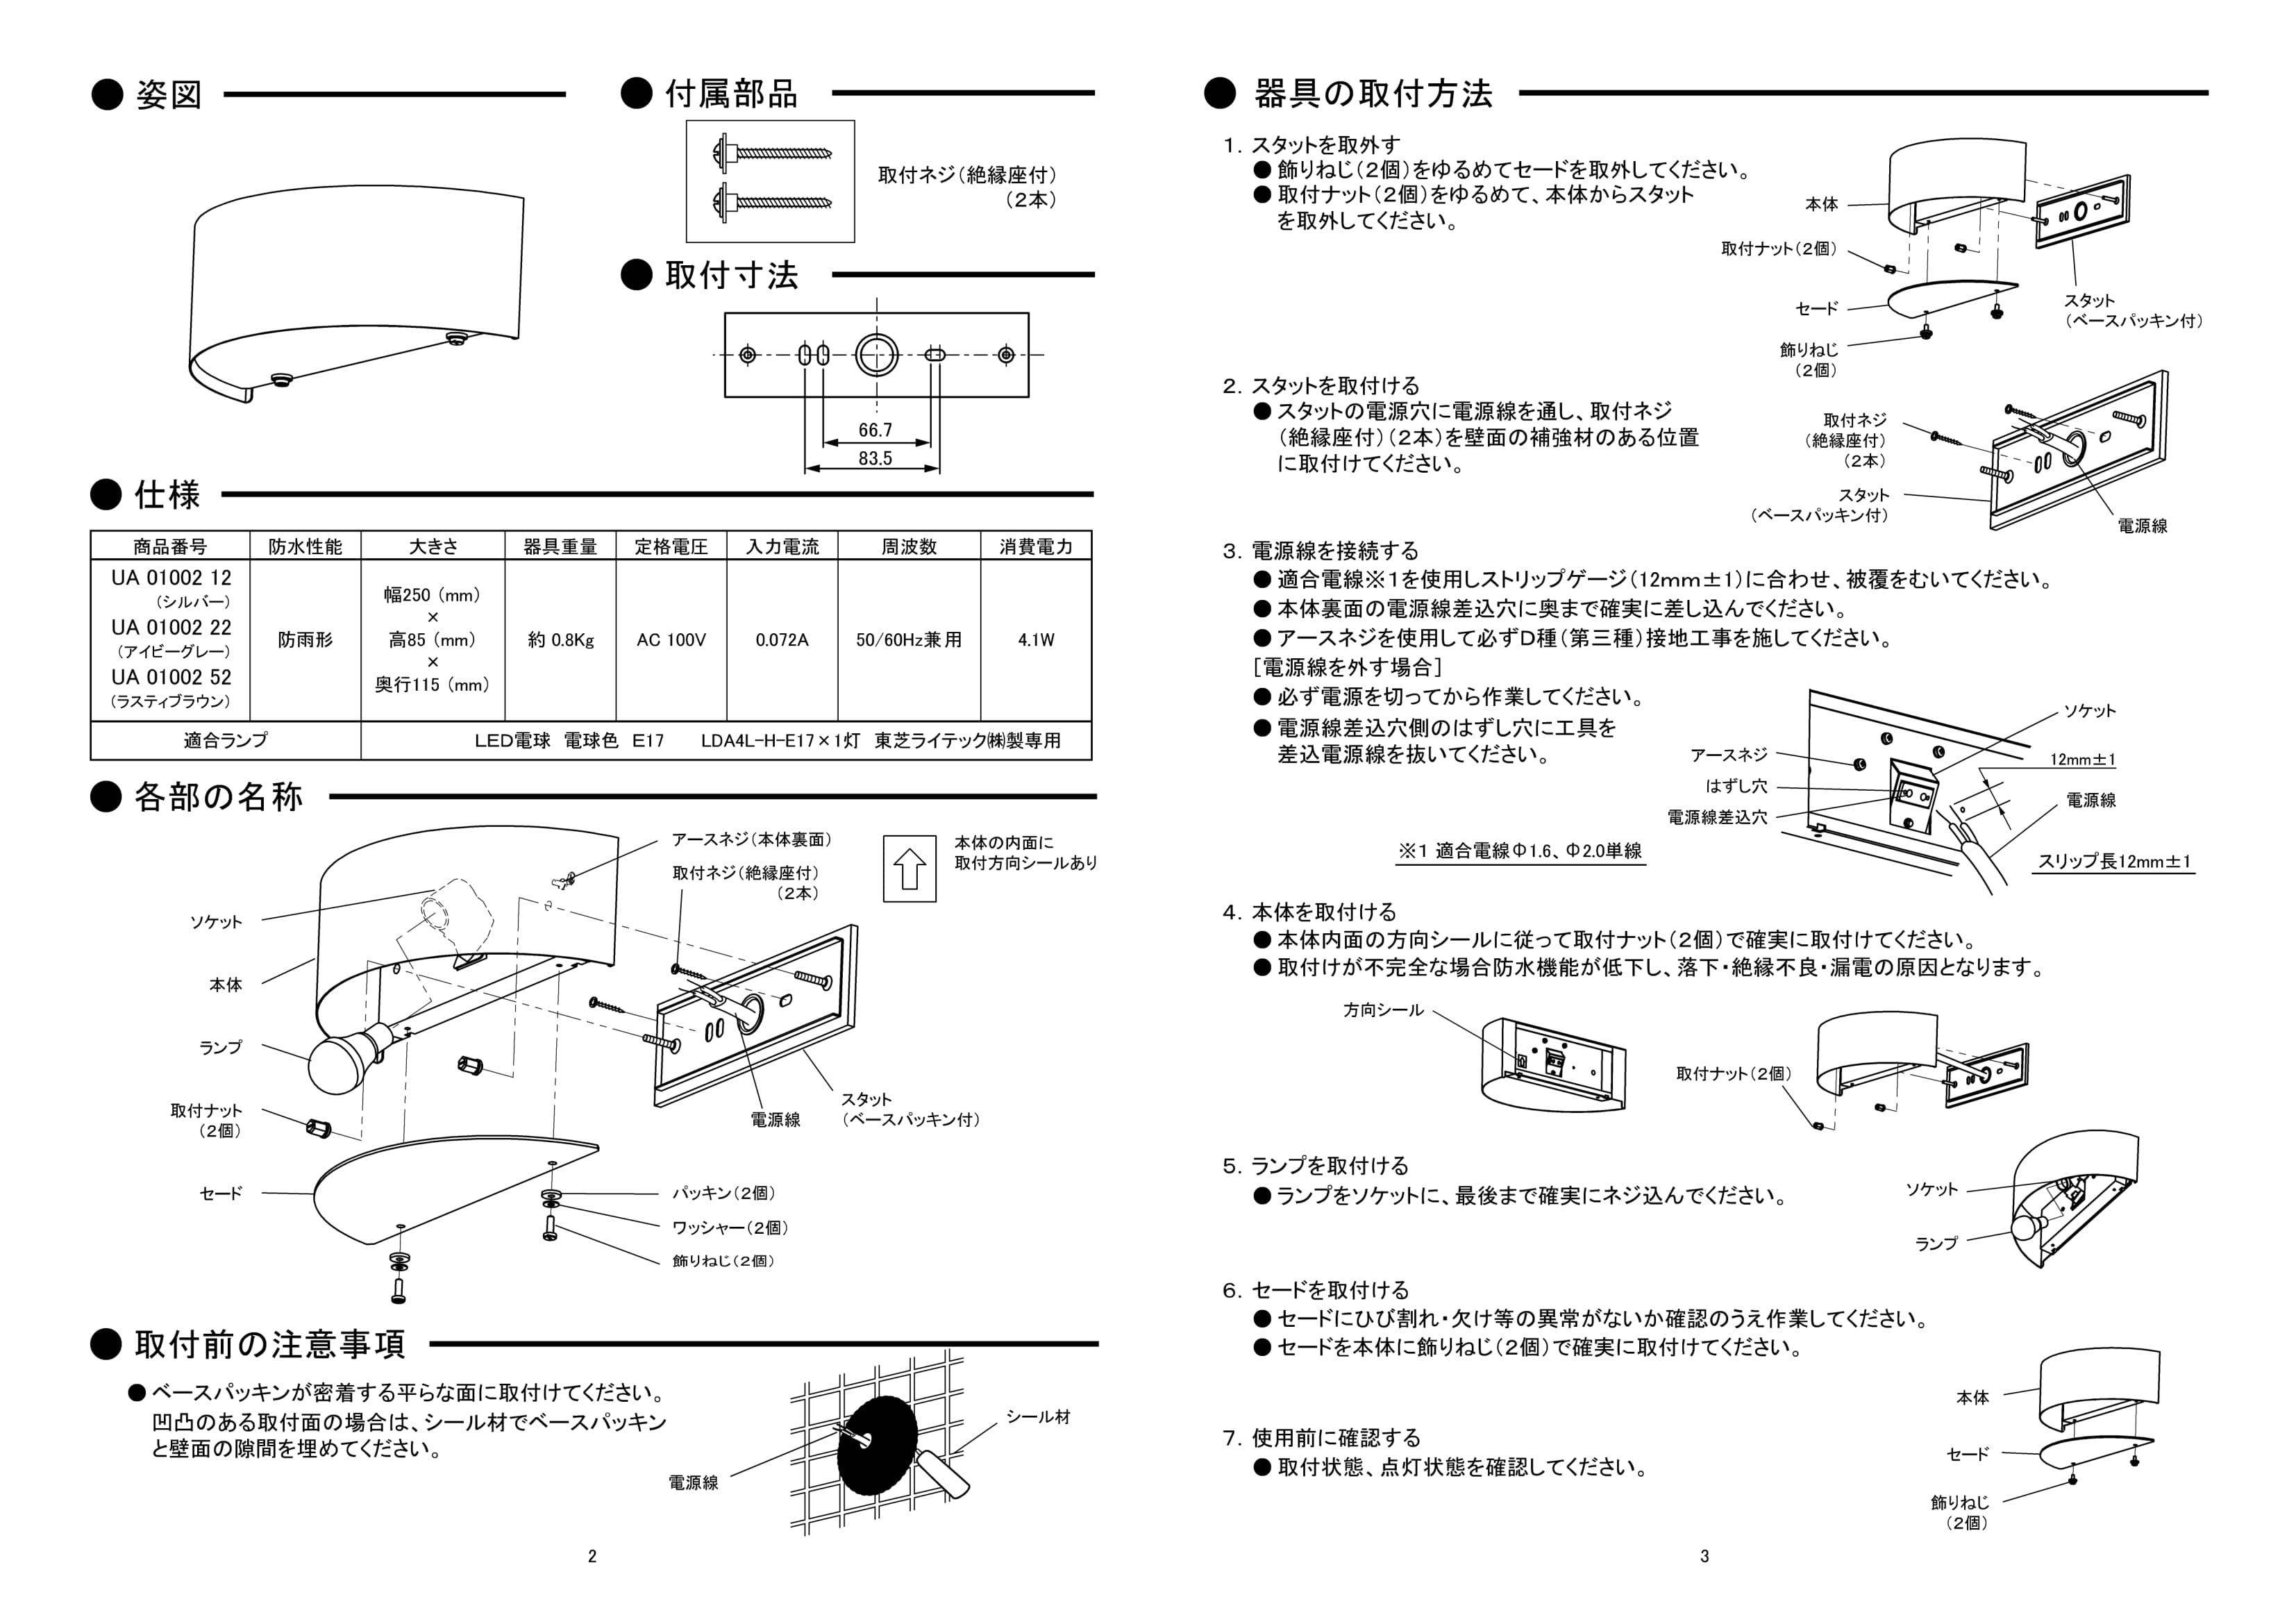 ポージィウォールライト UA 01002 12、22、52_取扱説明書-2